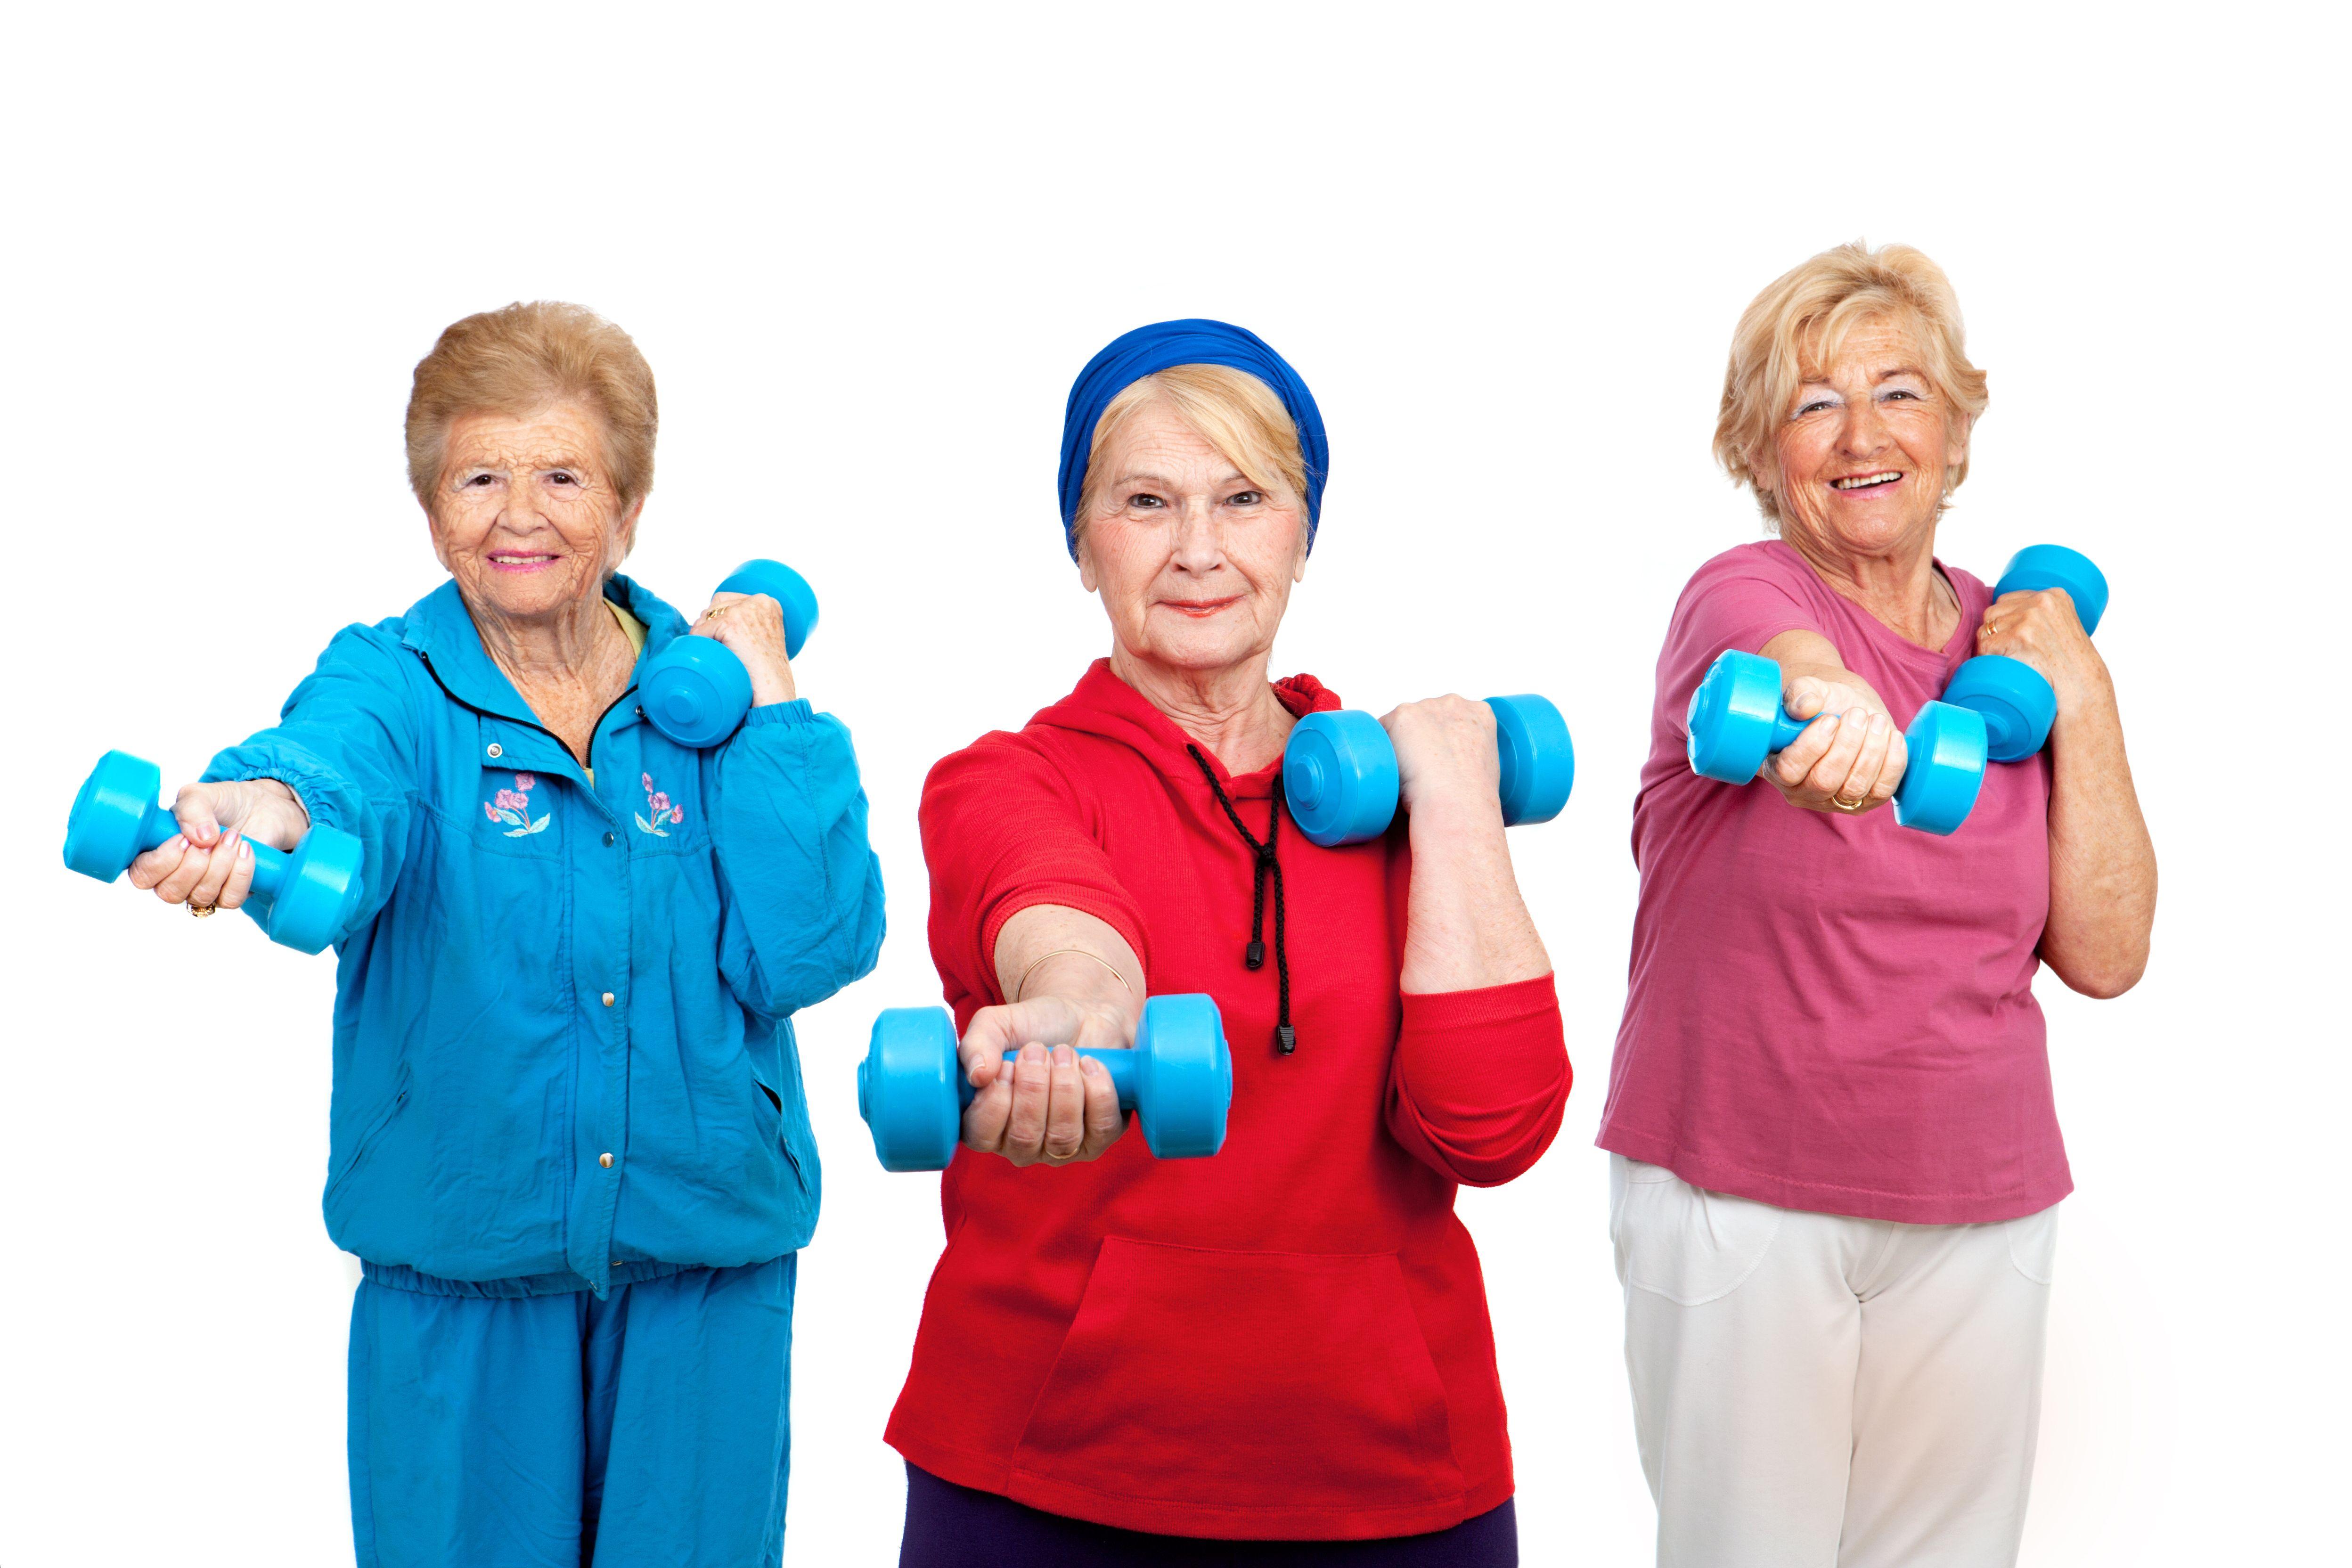 Senior Exercise 50 Stay FIT Pinterest